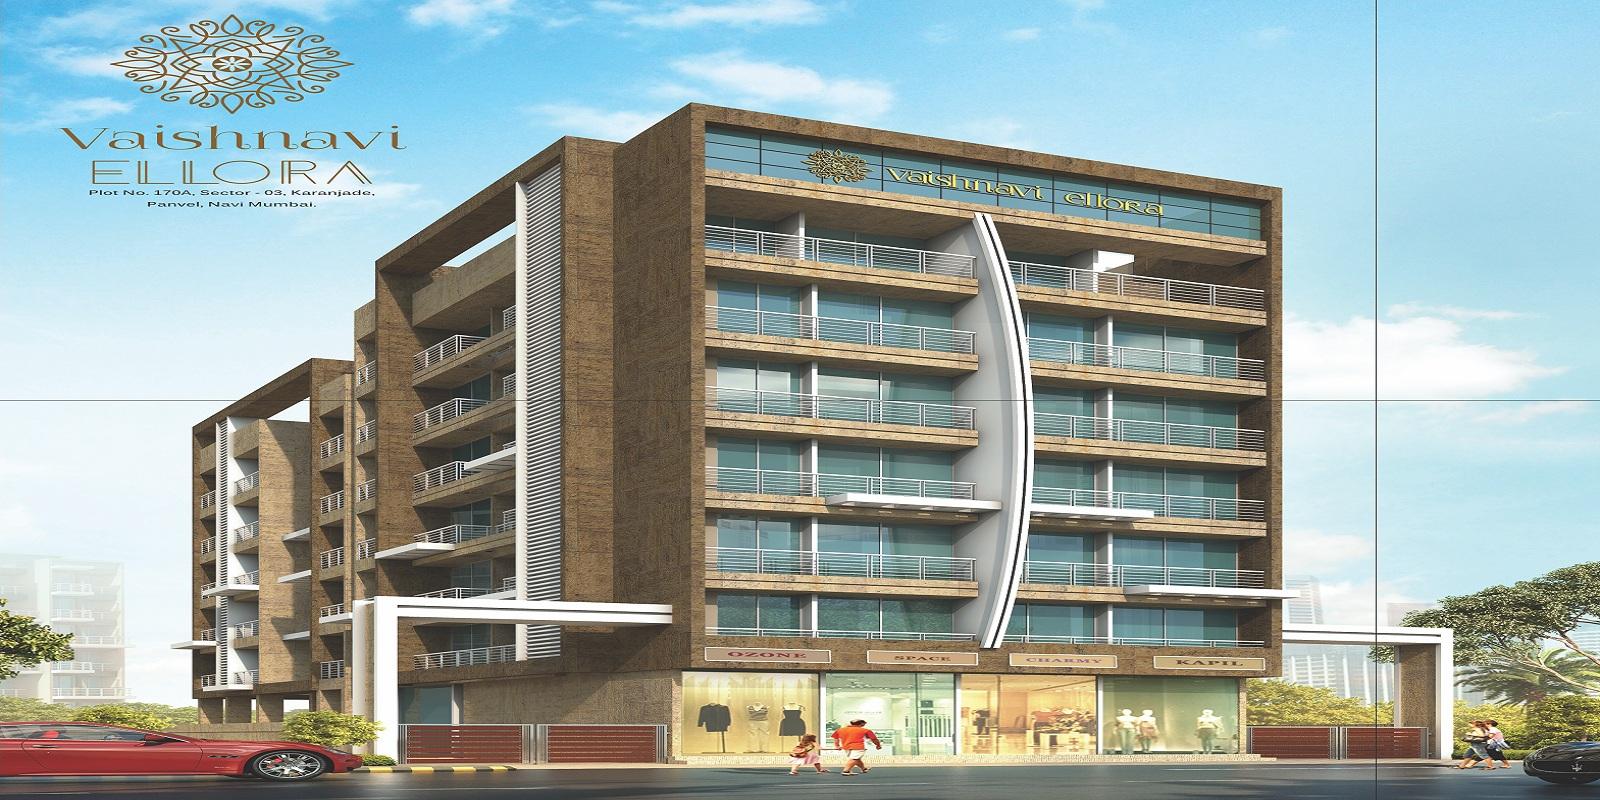 vaishnavi ellora project large image2